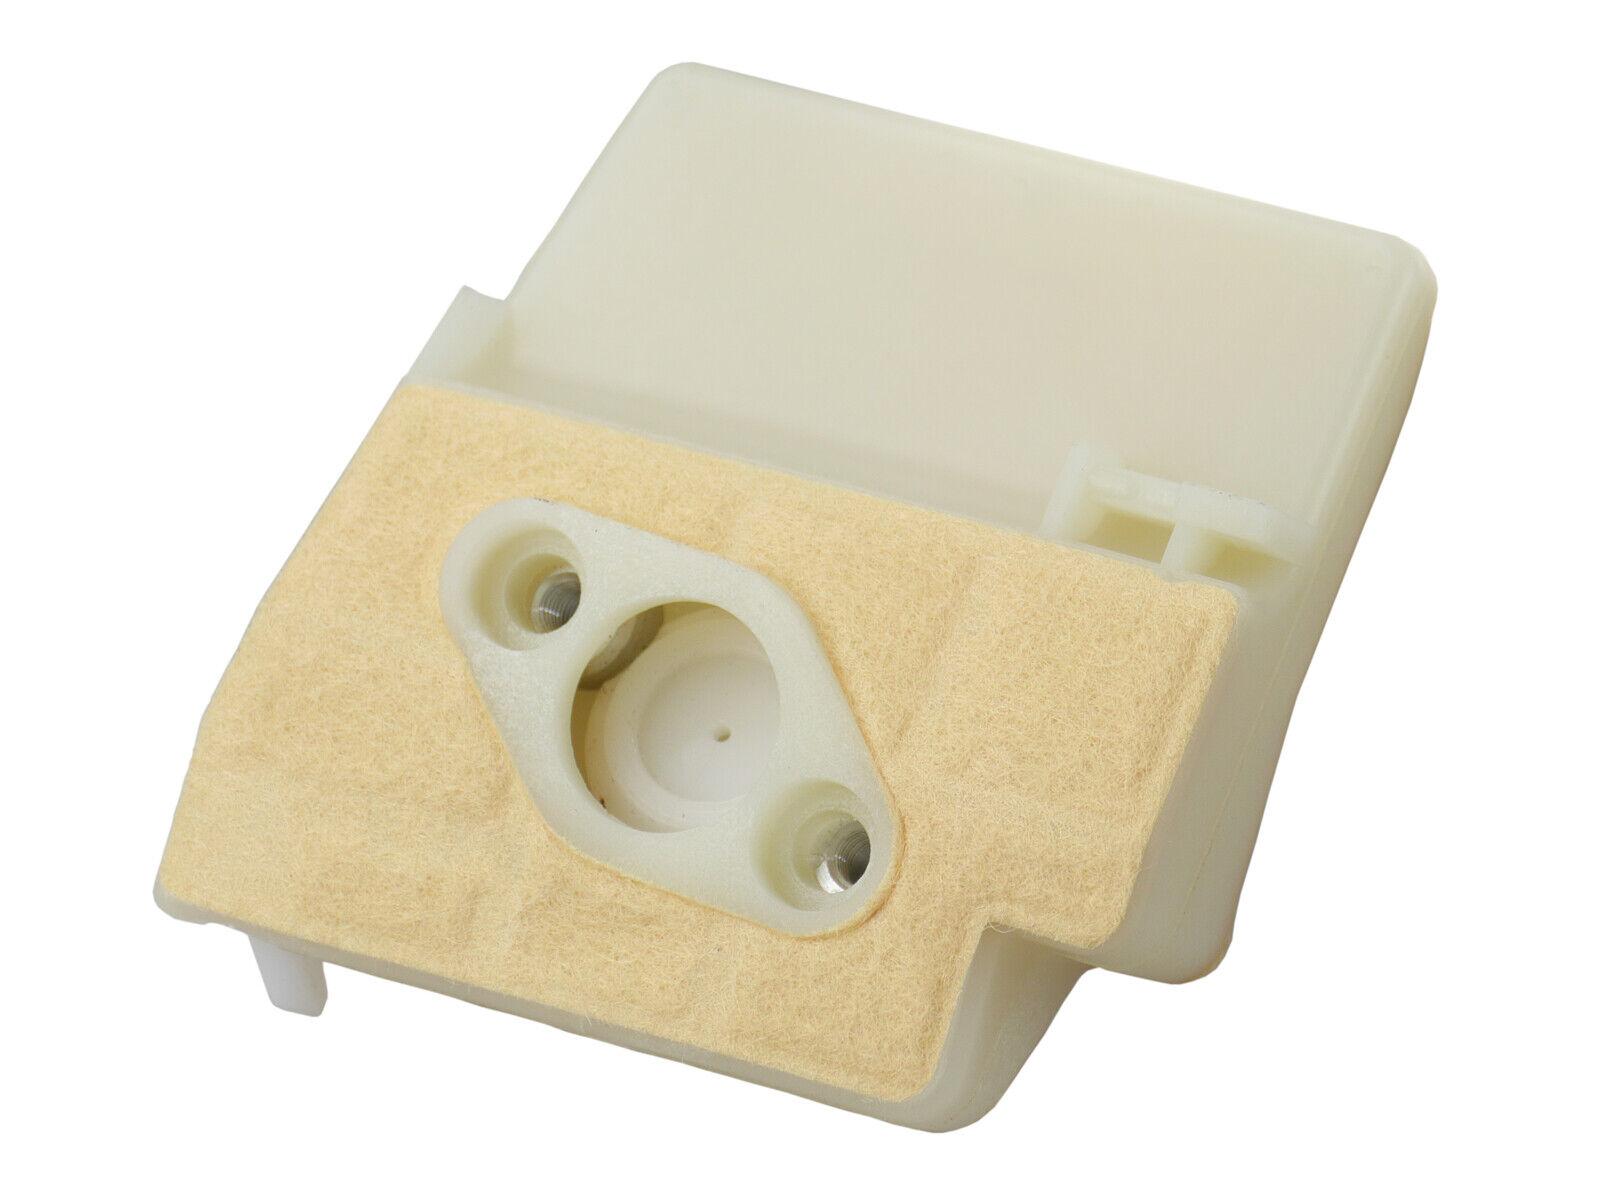 alte Version passend für Stihl 024AV 024 AV Super air filter Luftfilter Stoff